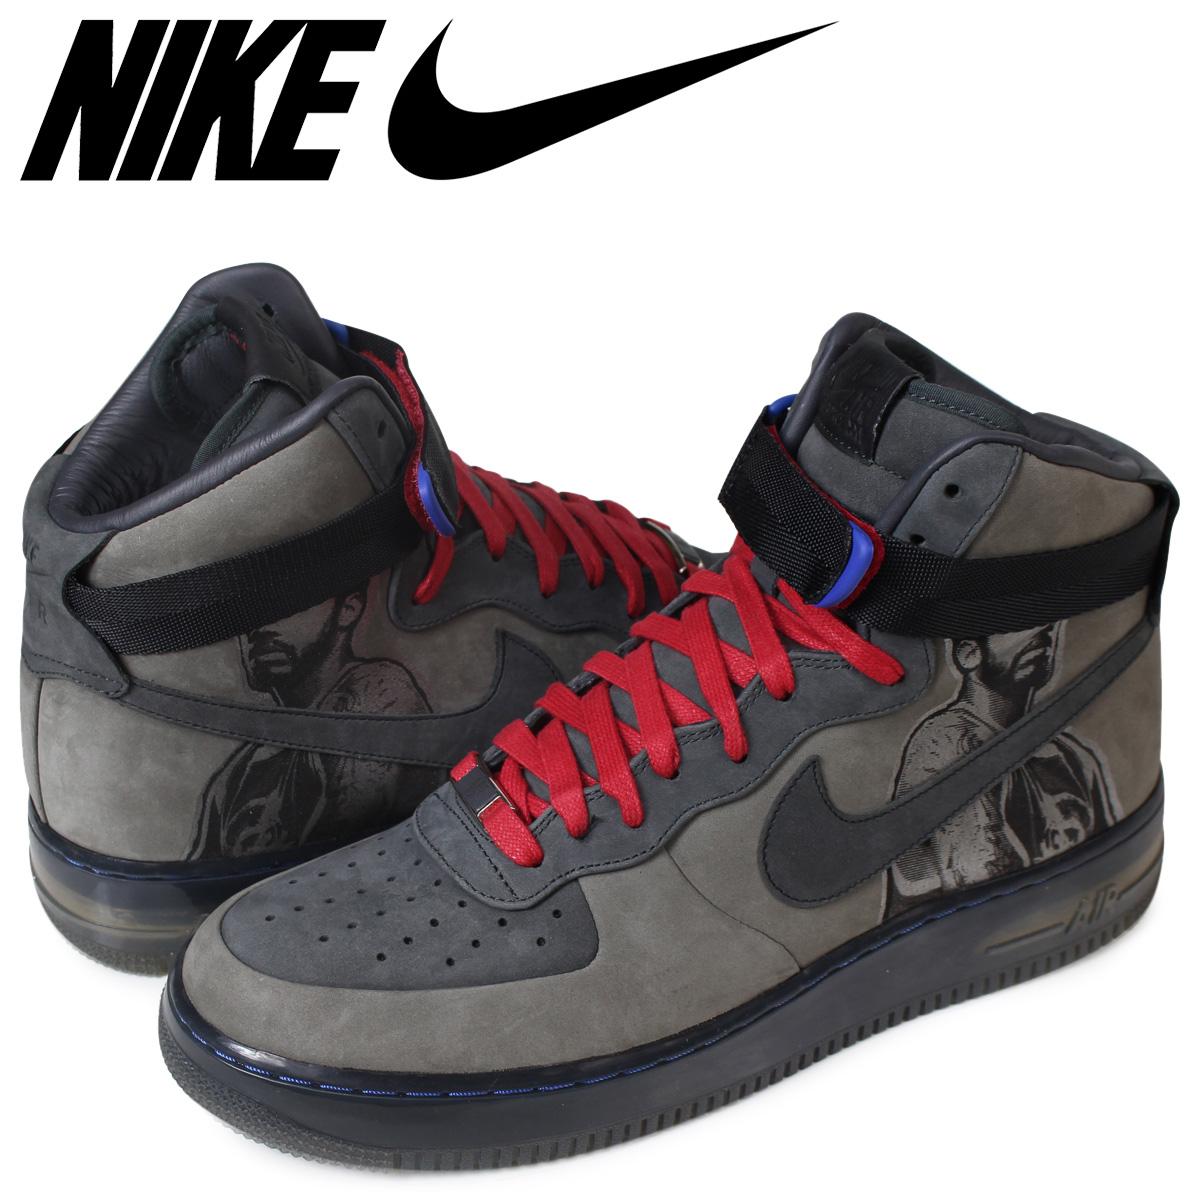 NIKE AIR FORCE 1 HIGH Nike air force 1 07 sneakers men 315,096-001 gray  [185]